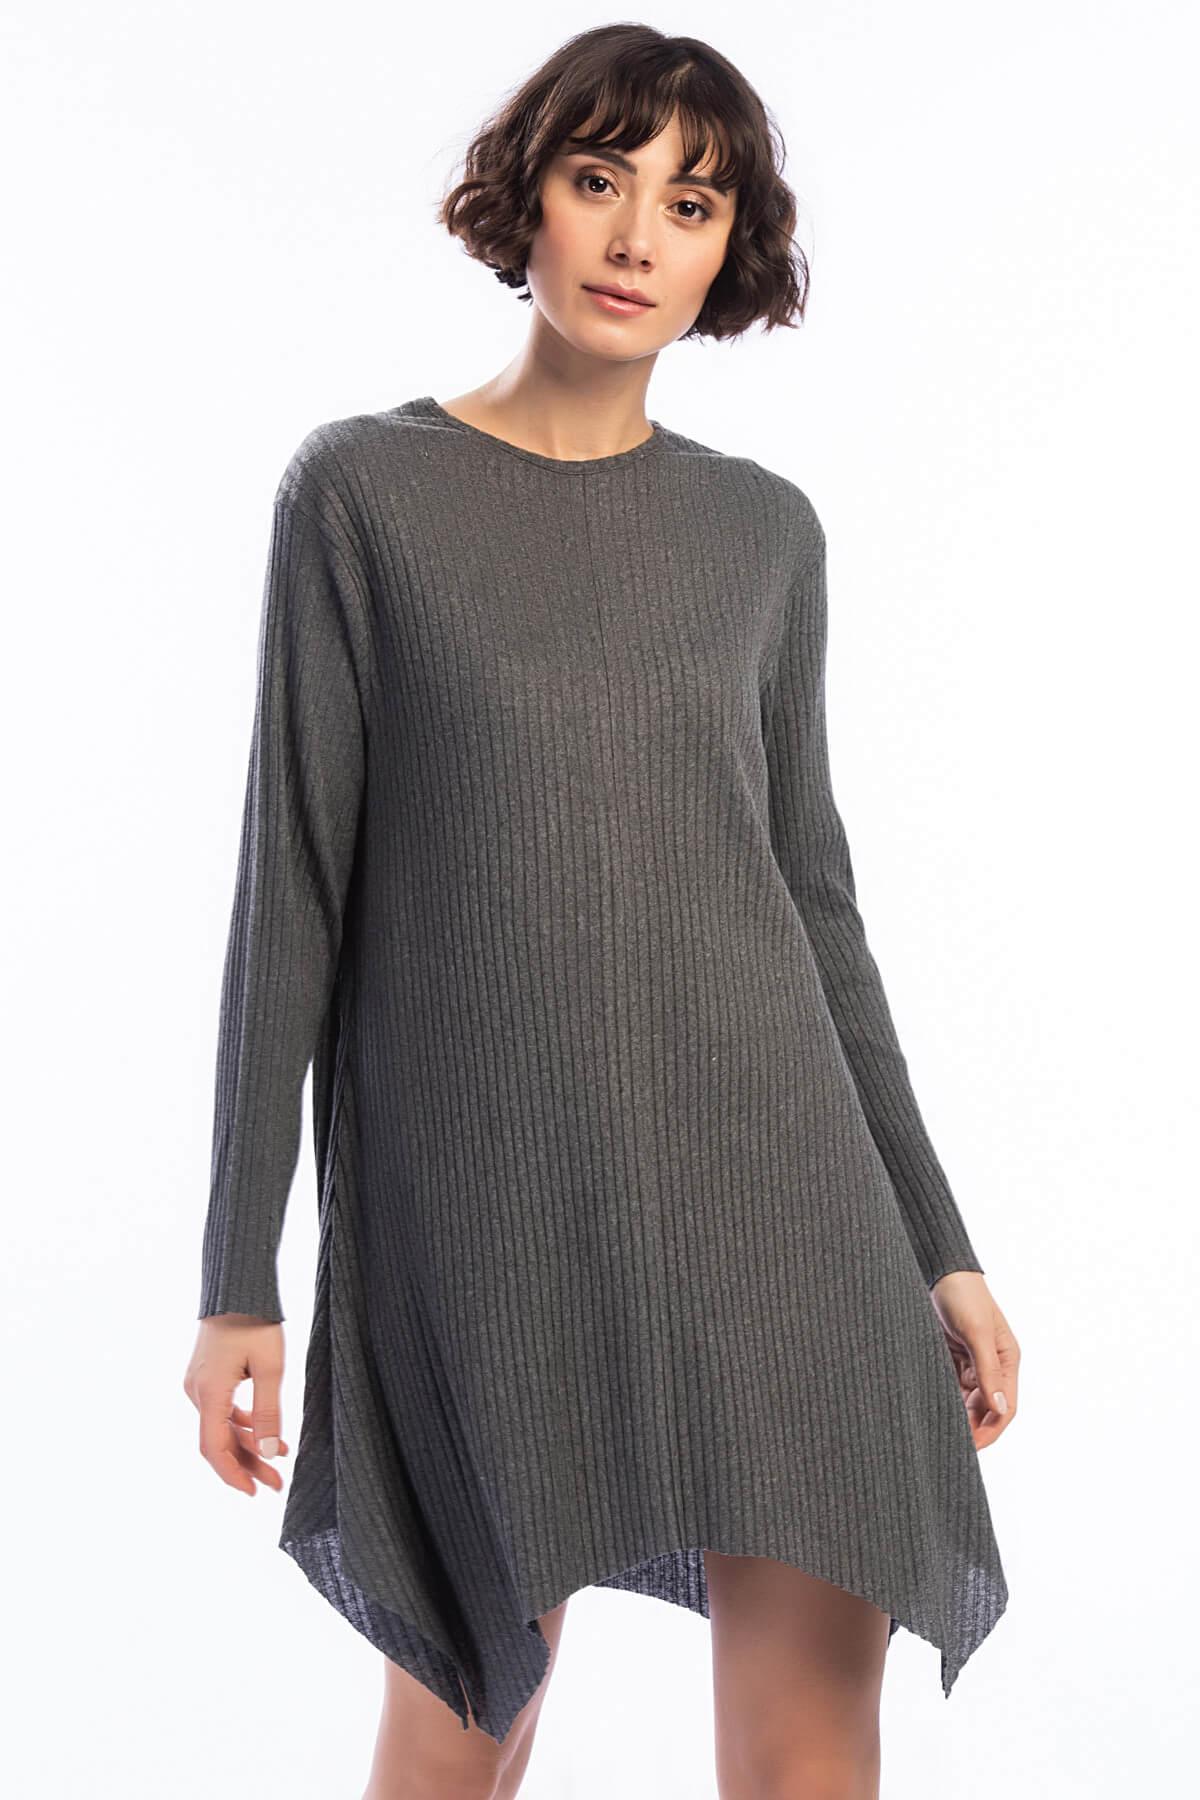 Cotton Mood Kadın Füme Kalın Fitilli Uzun Kol Çan Tunik Elbise 8411104